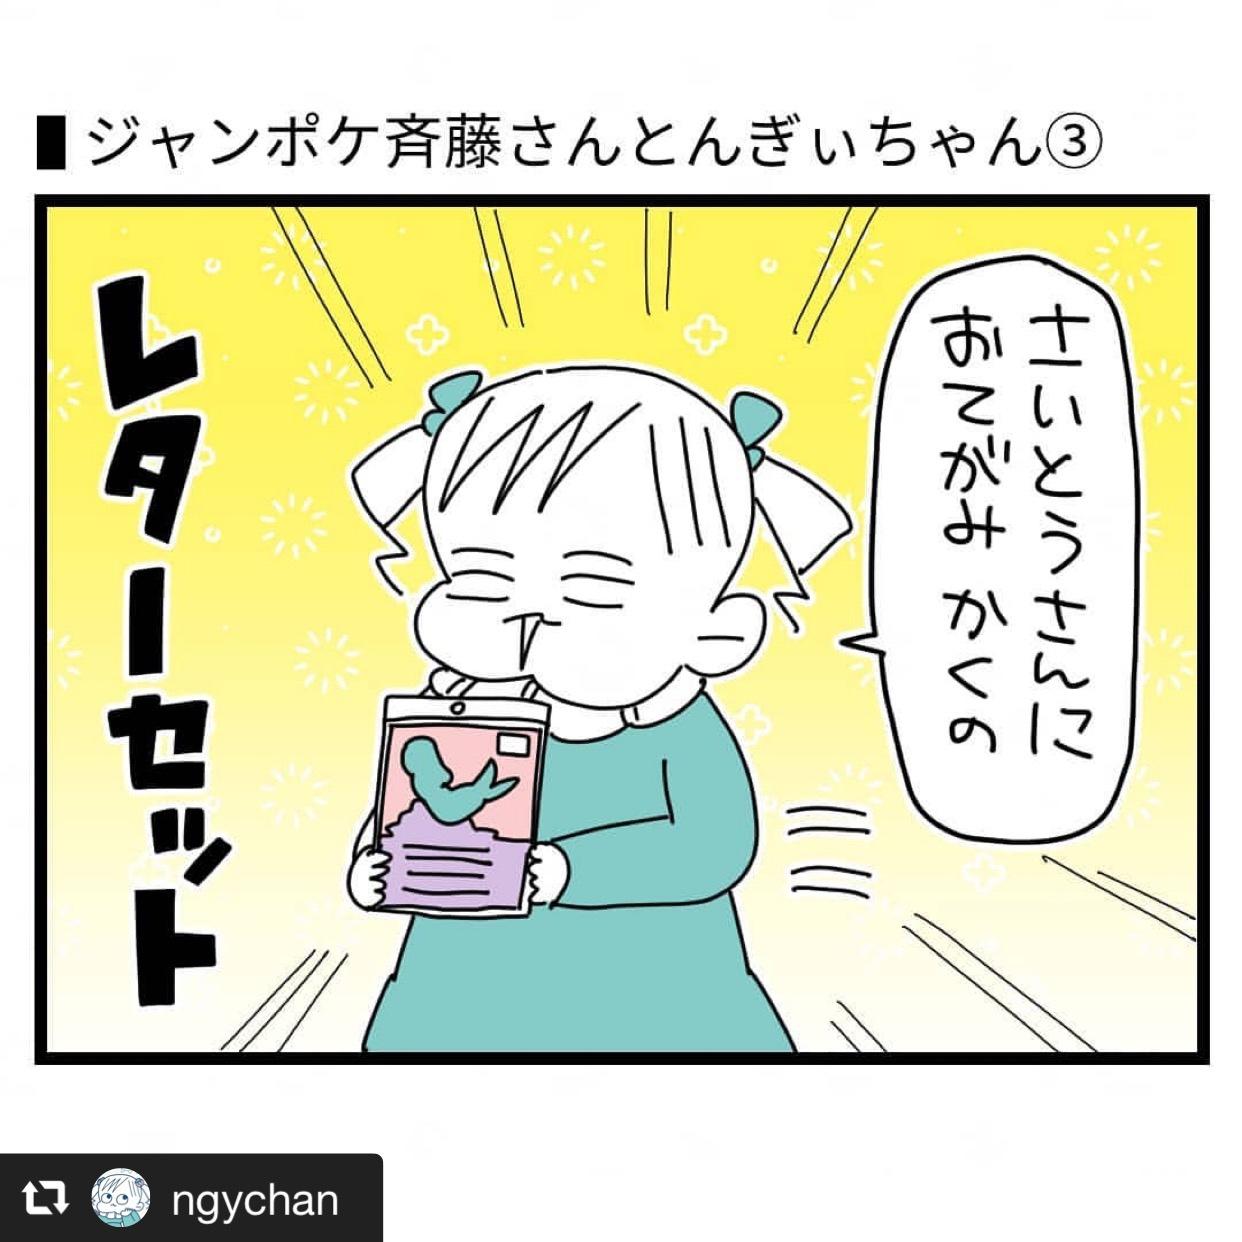 ジャンポケ斉藤さんが好きすぎてファンレターを書くことに 画像1